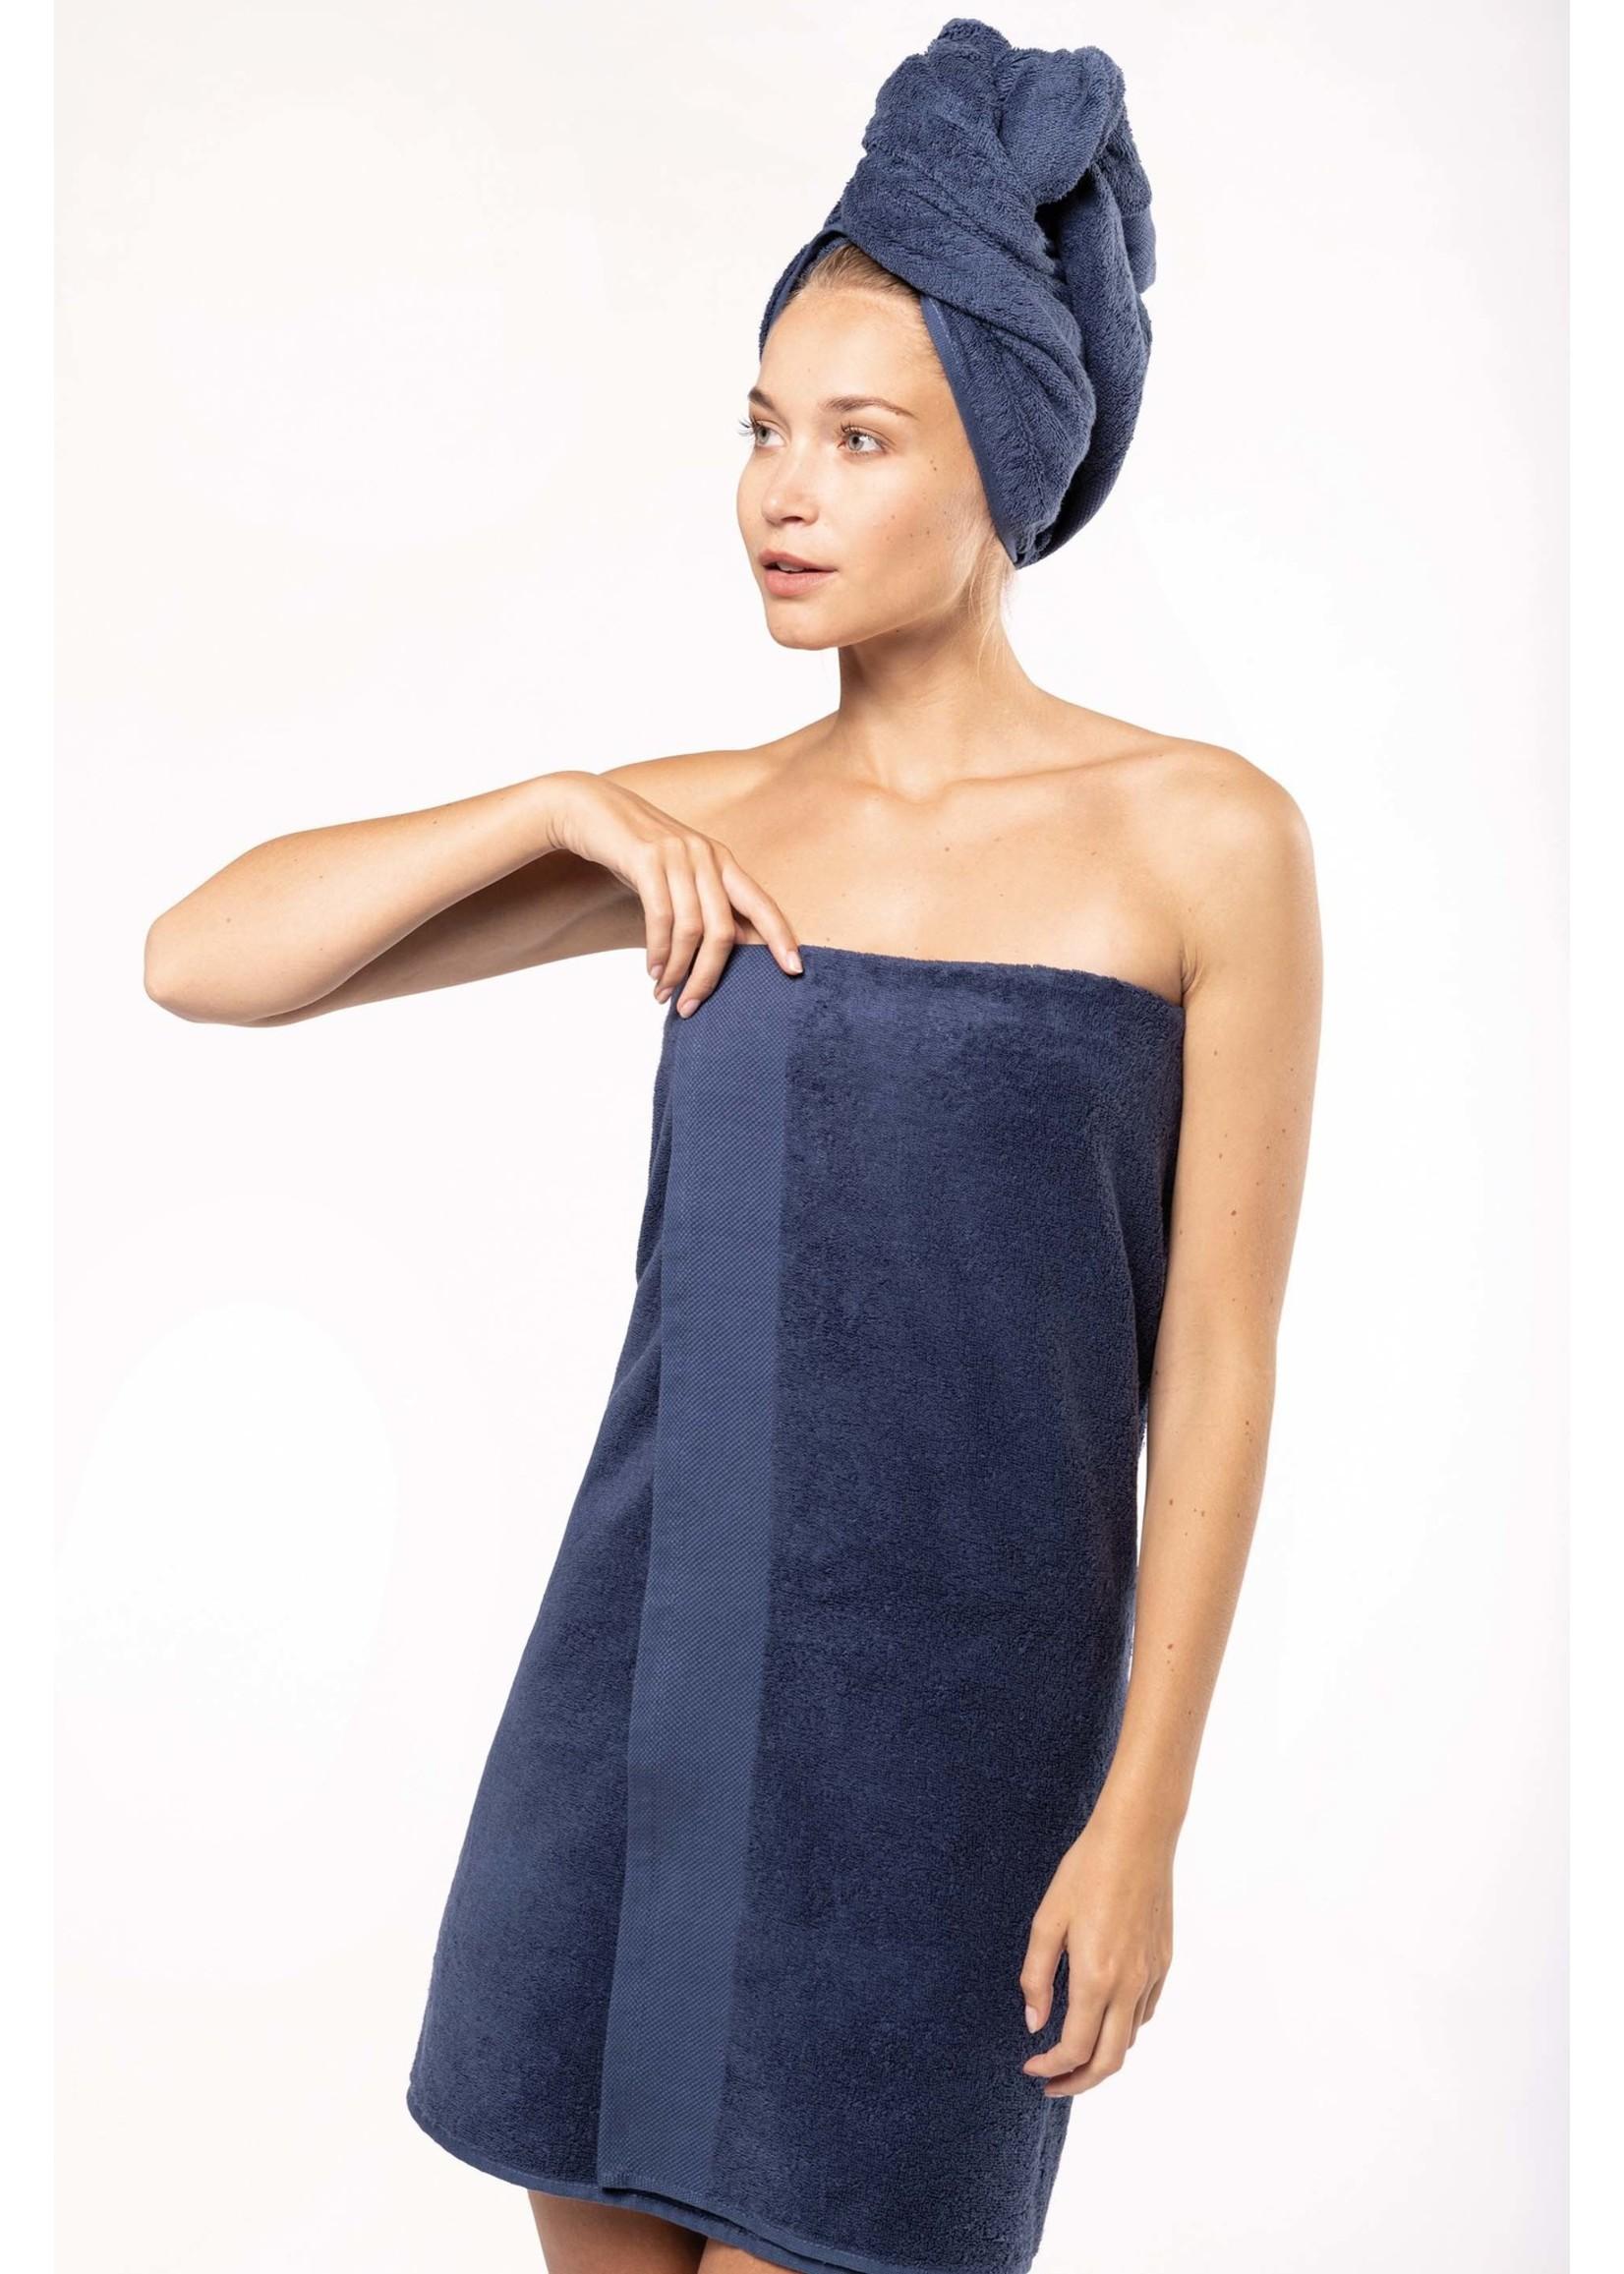 Eco-Friendly Handdoek 140 x 70 cm kleur: White, is te bedrukken